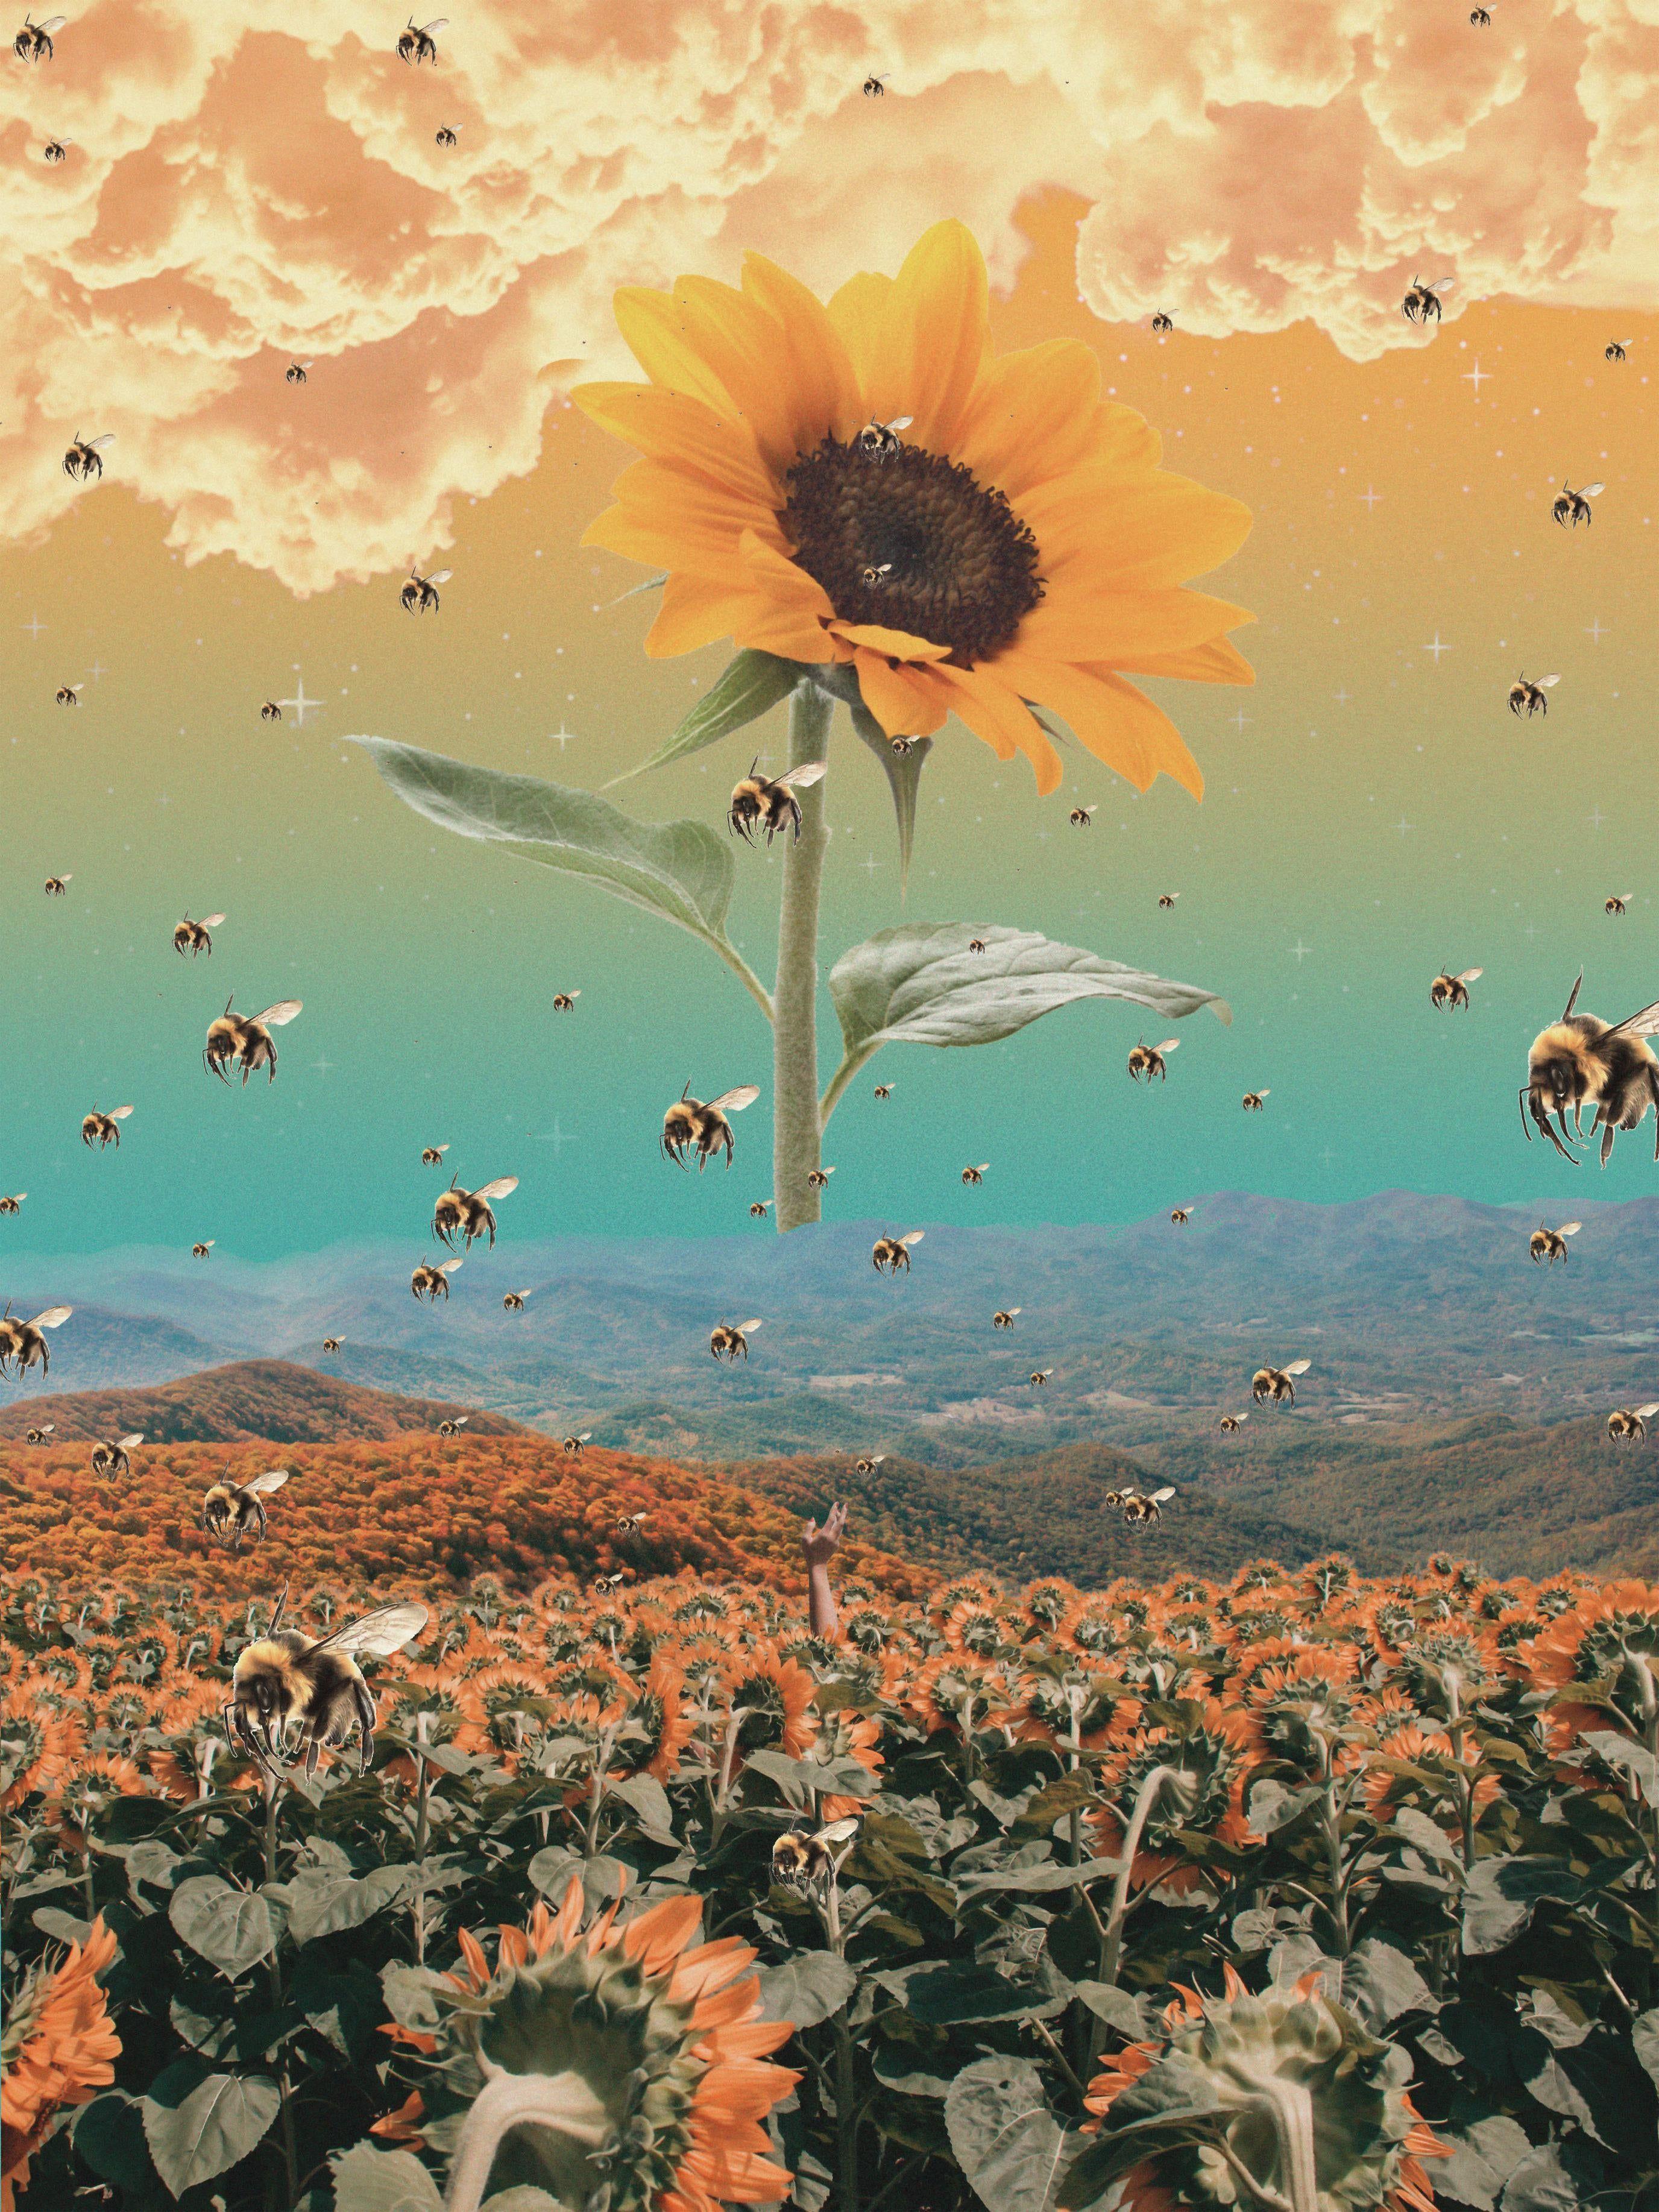 artwork i made inspired by flower boy tylerthecreator